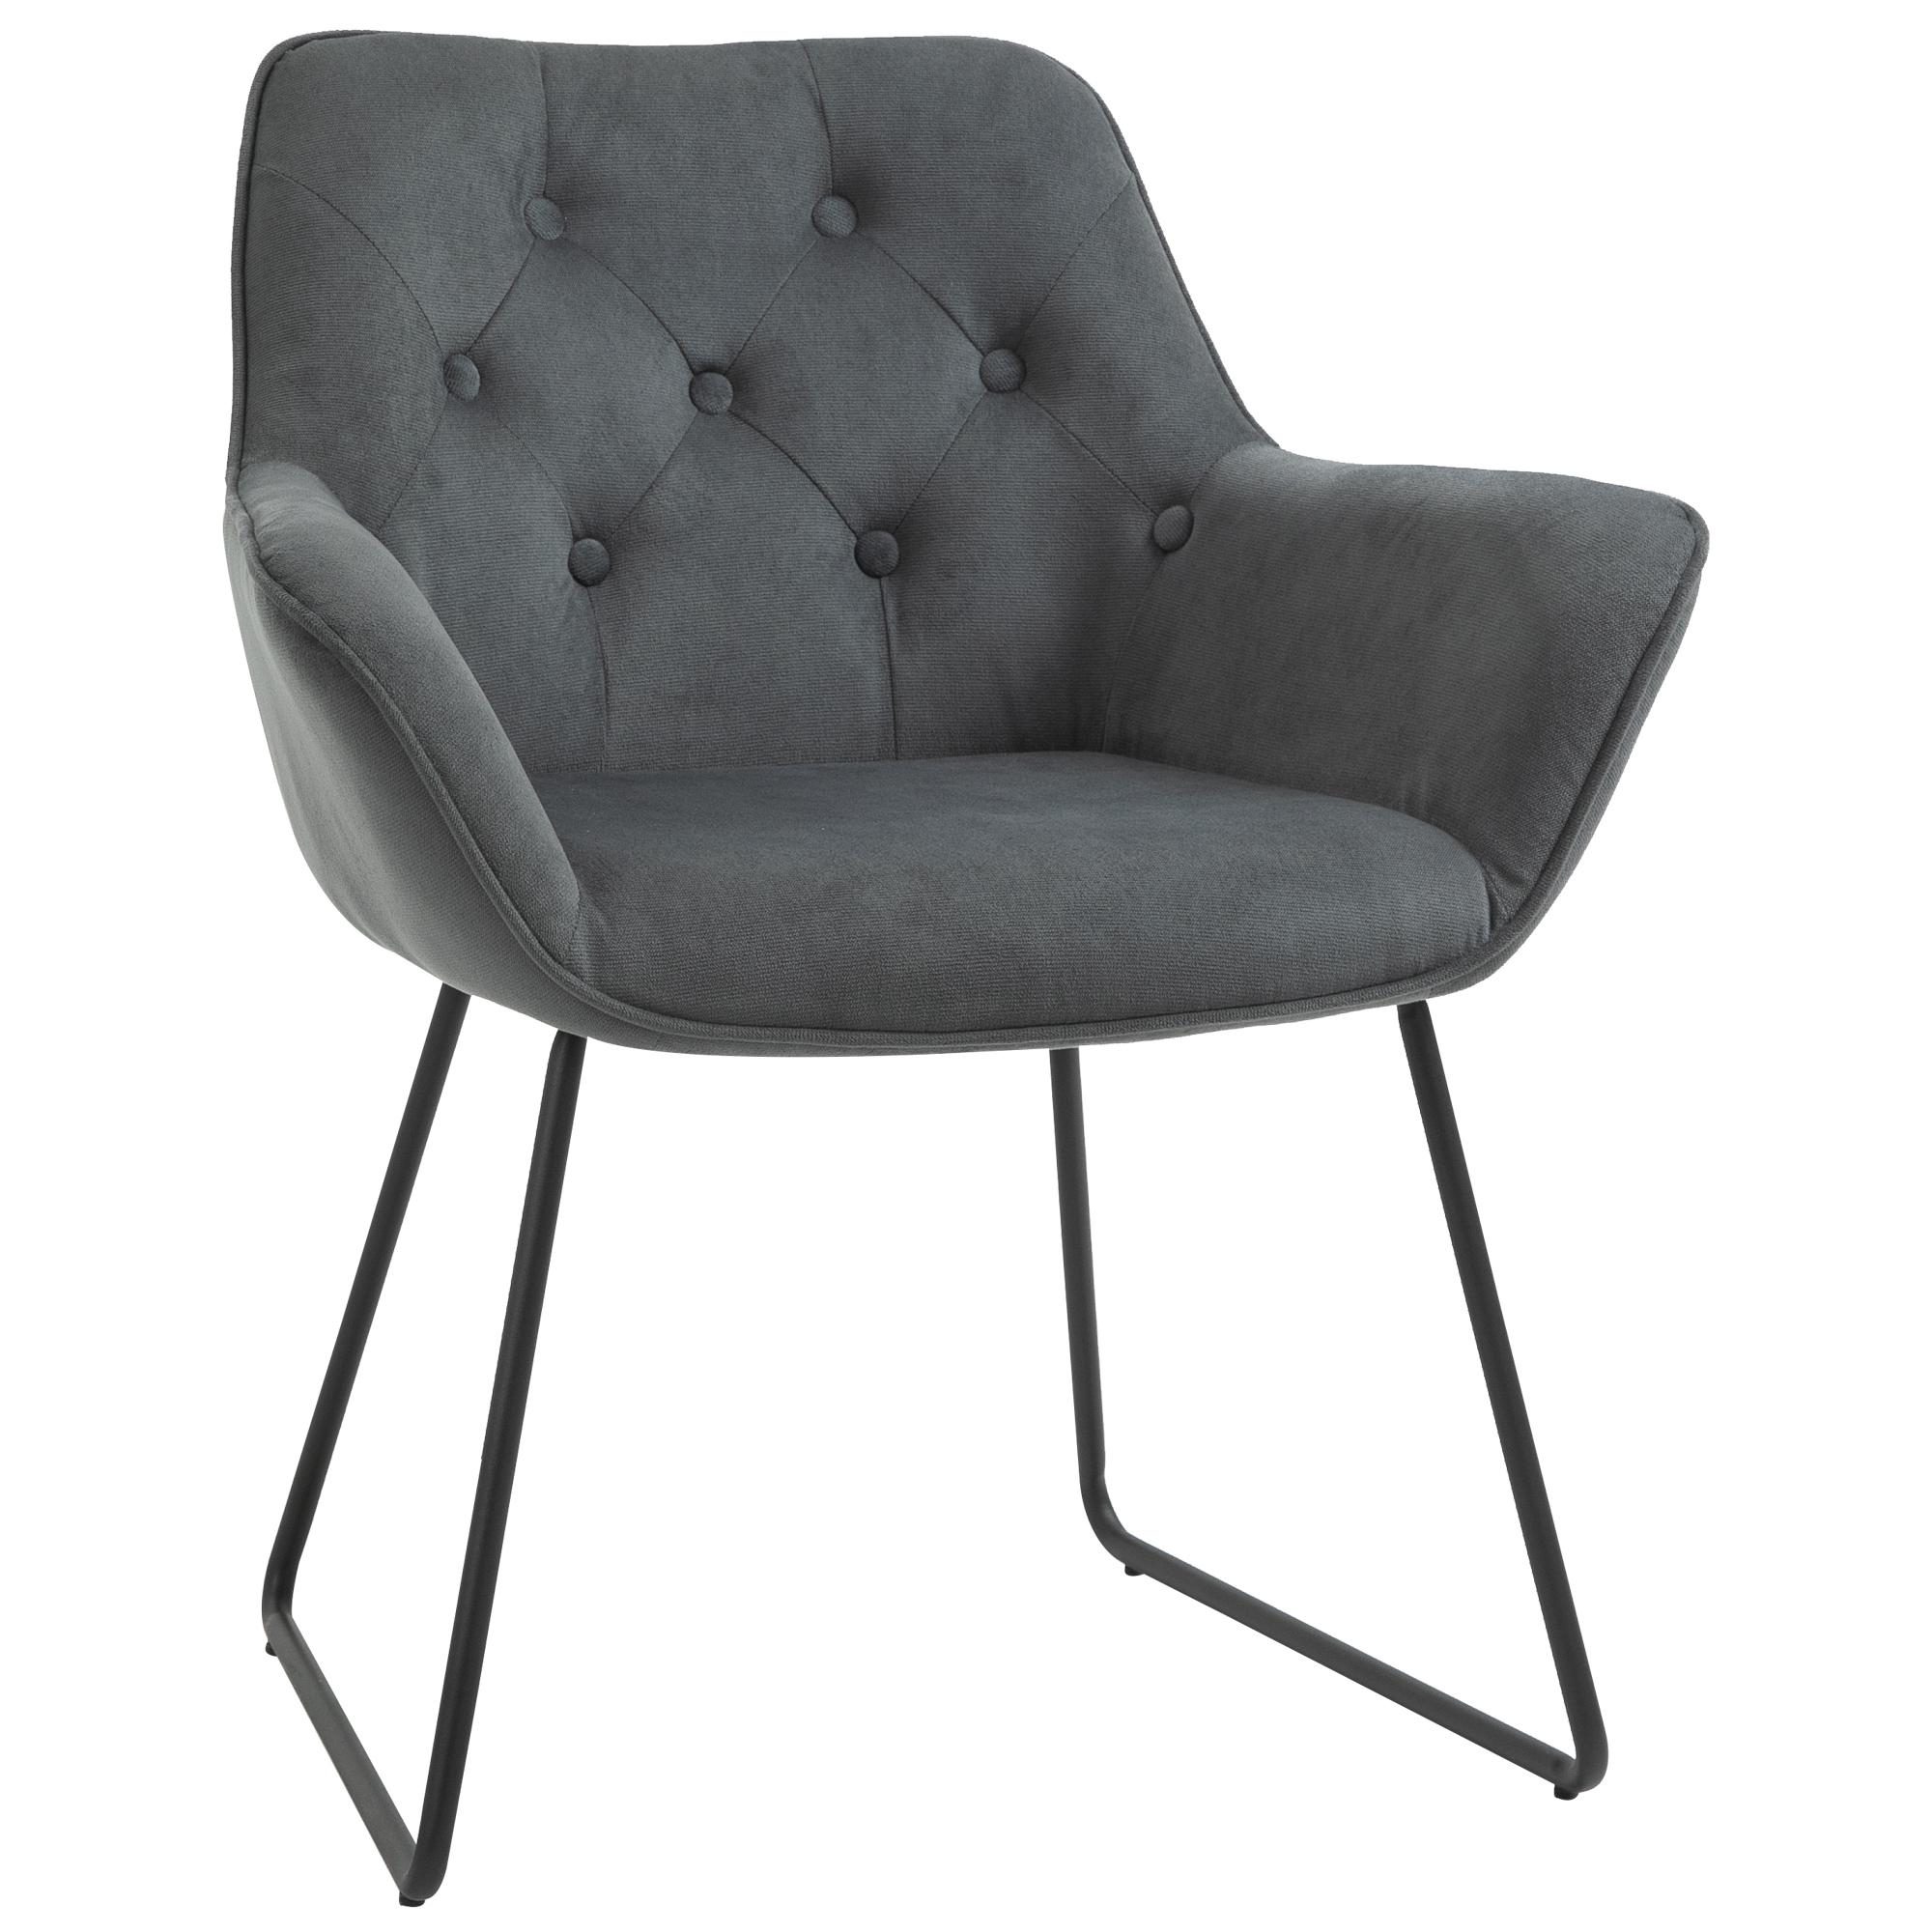 Chaise design contemporain métal noir velours gris